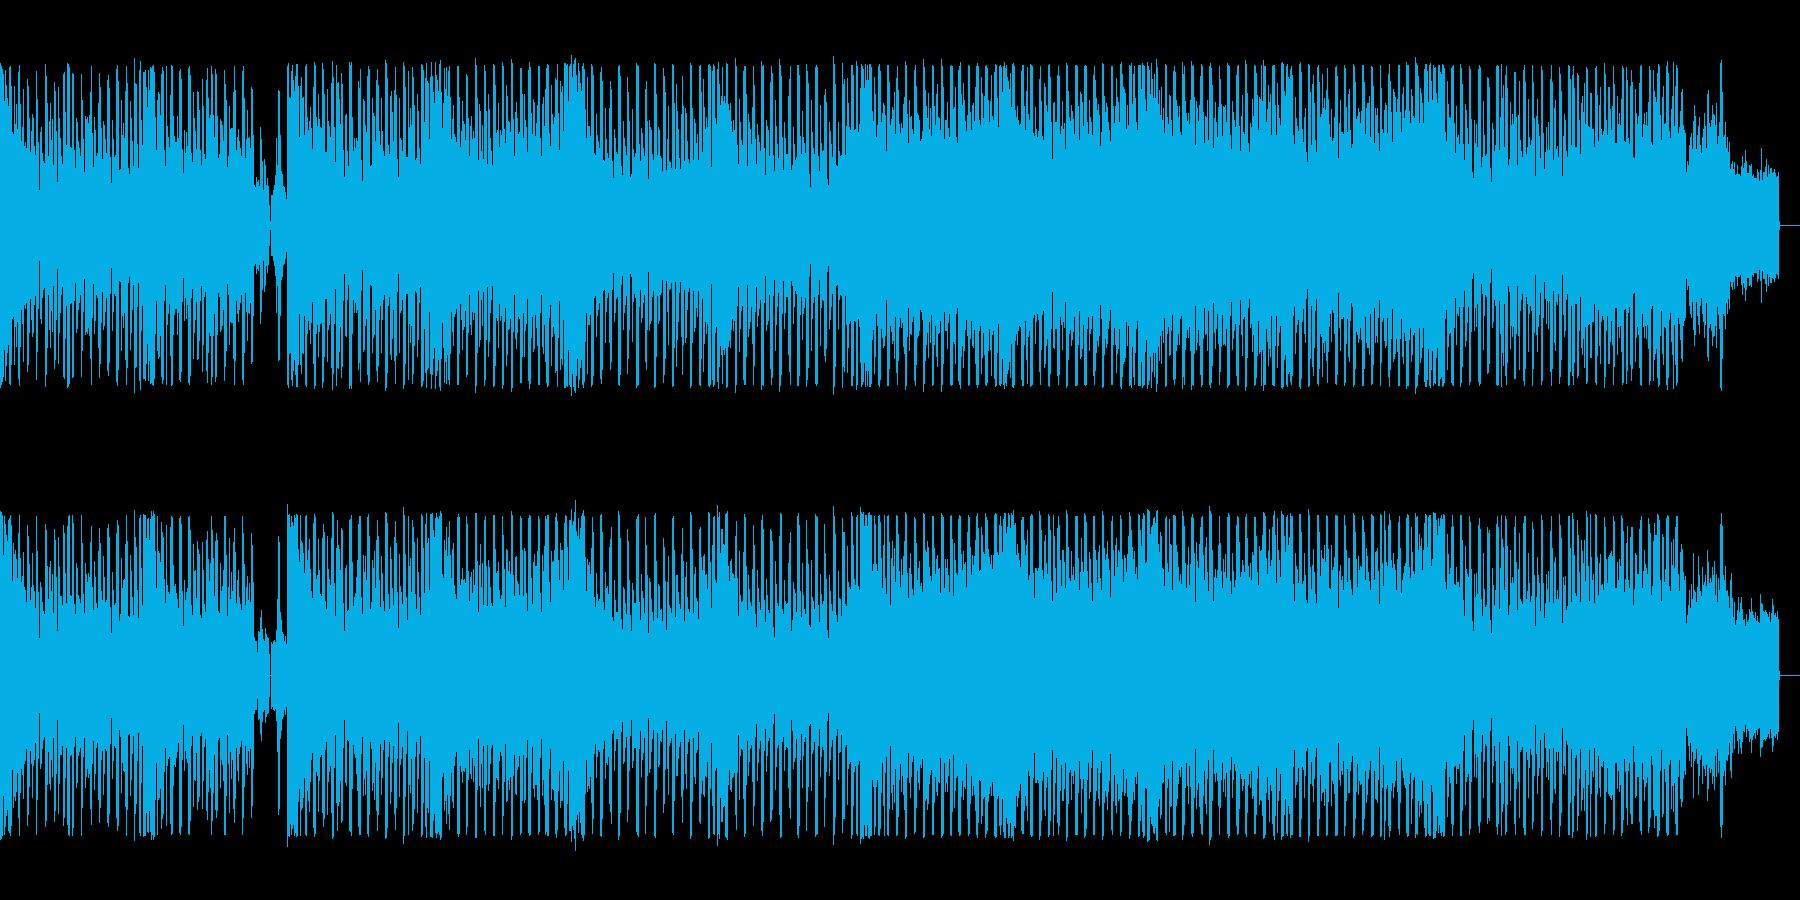 疾走感の電子音、ロックなエレクトロの再生済みの波形